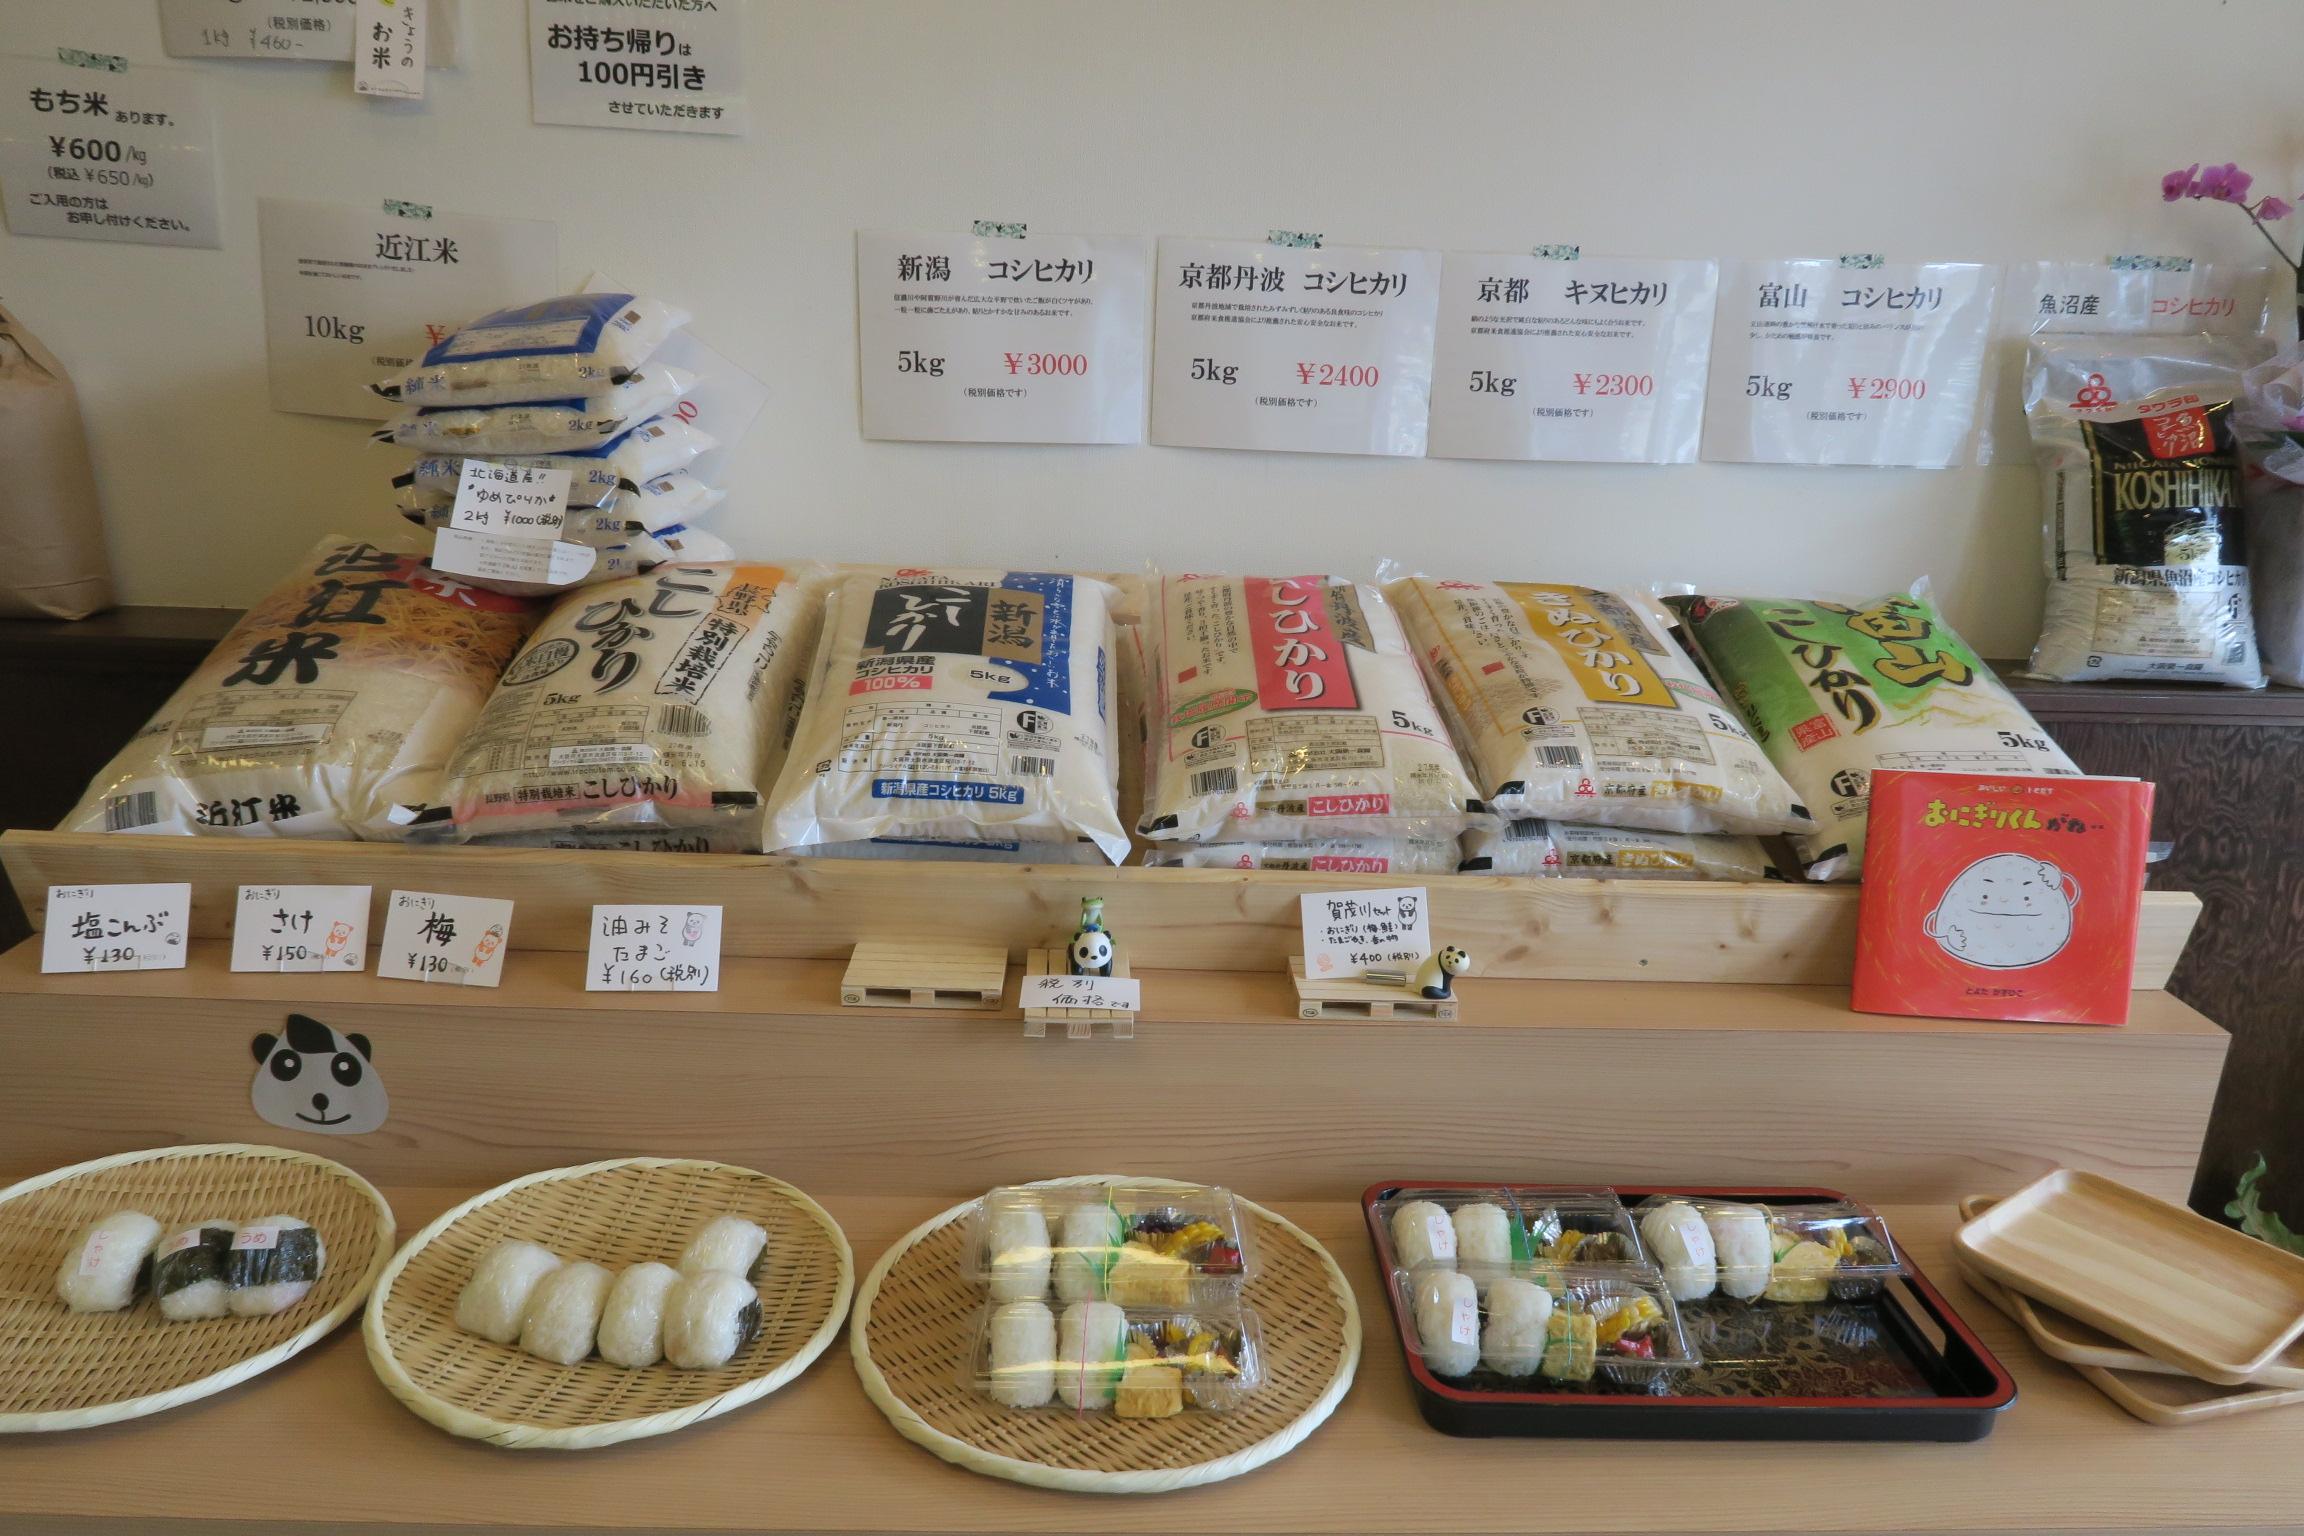 おにぎりは滋賀県近江米のみずかがみを使っているそうです。